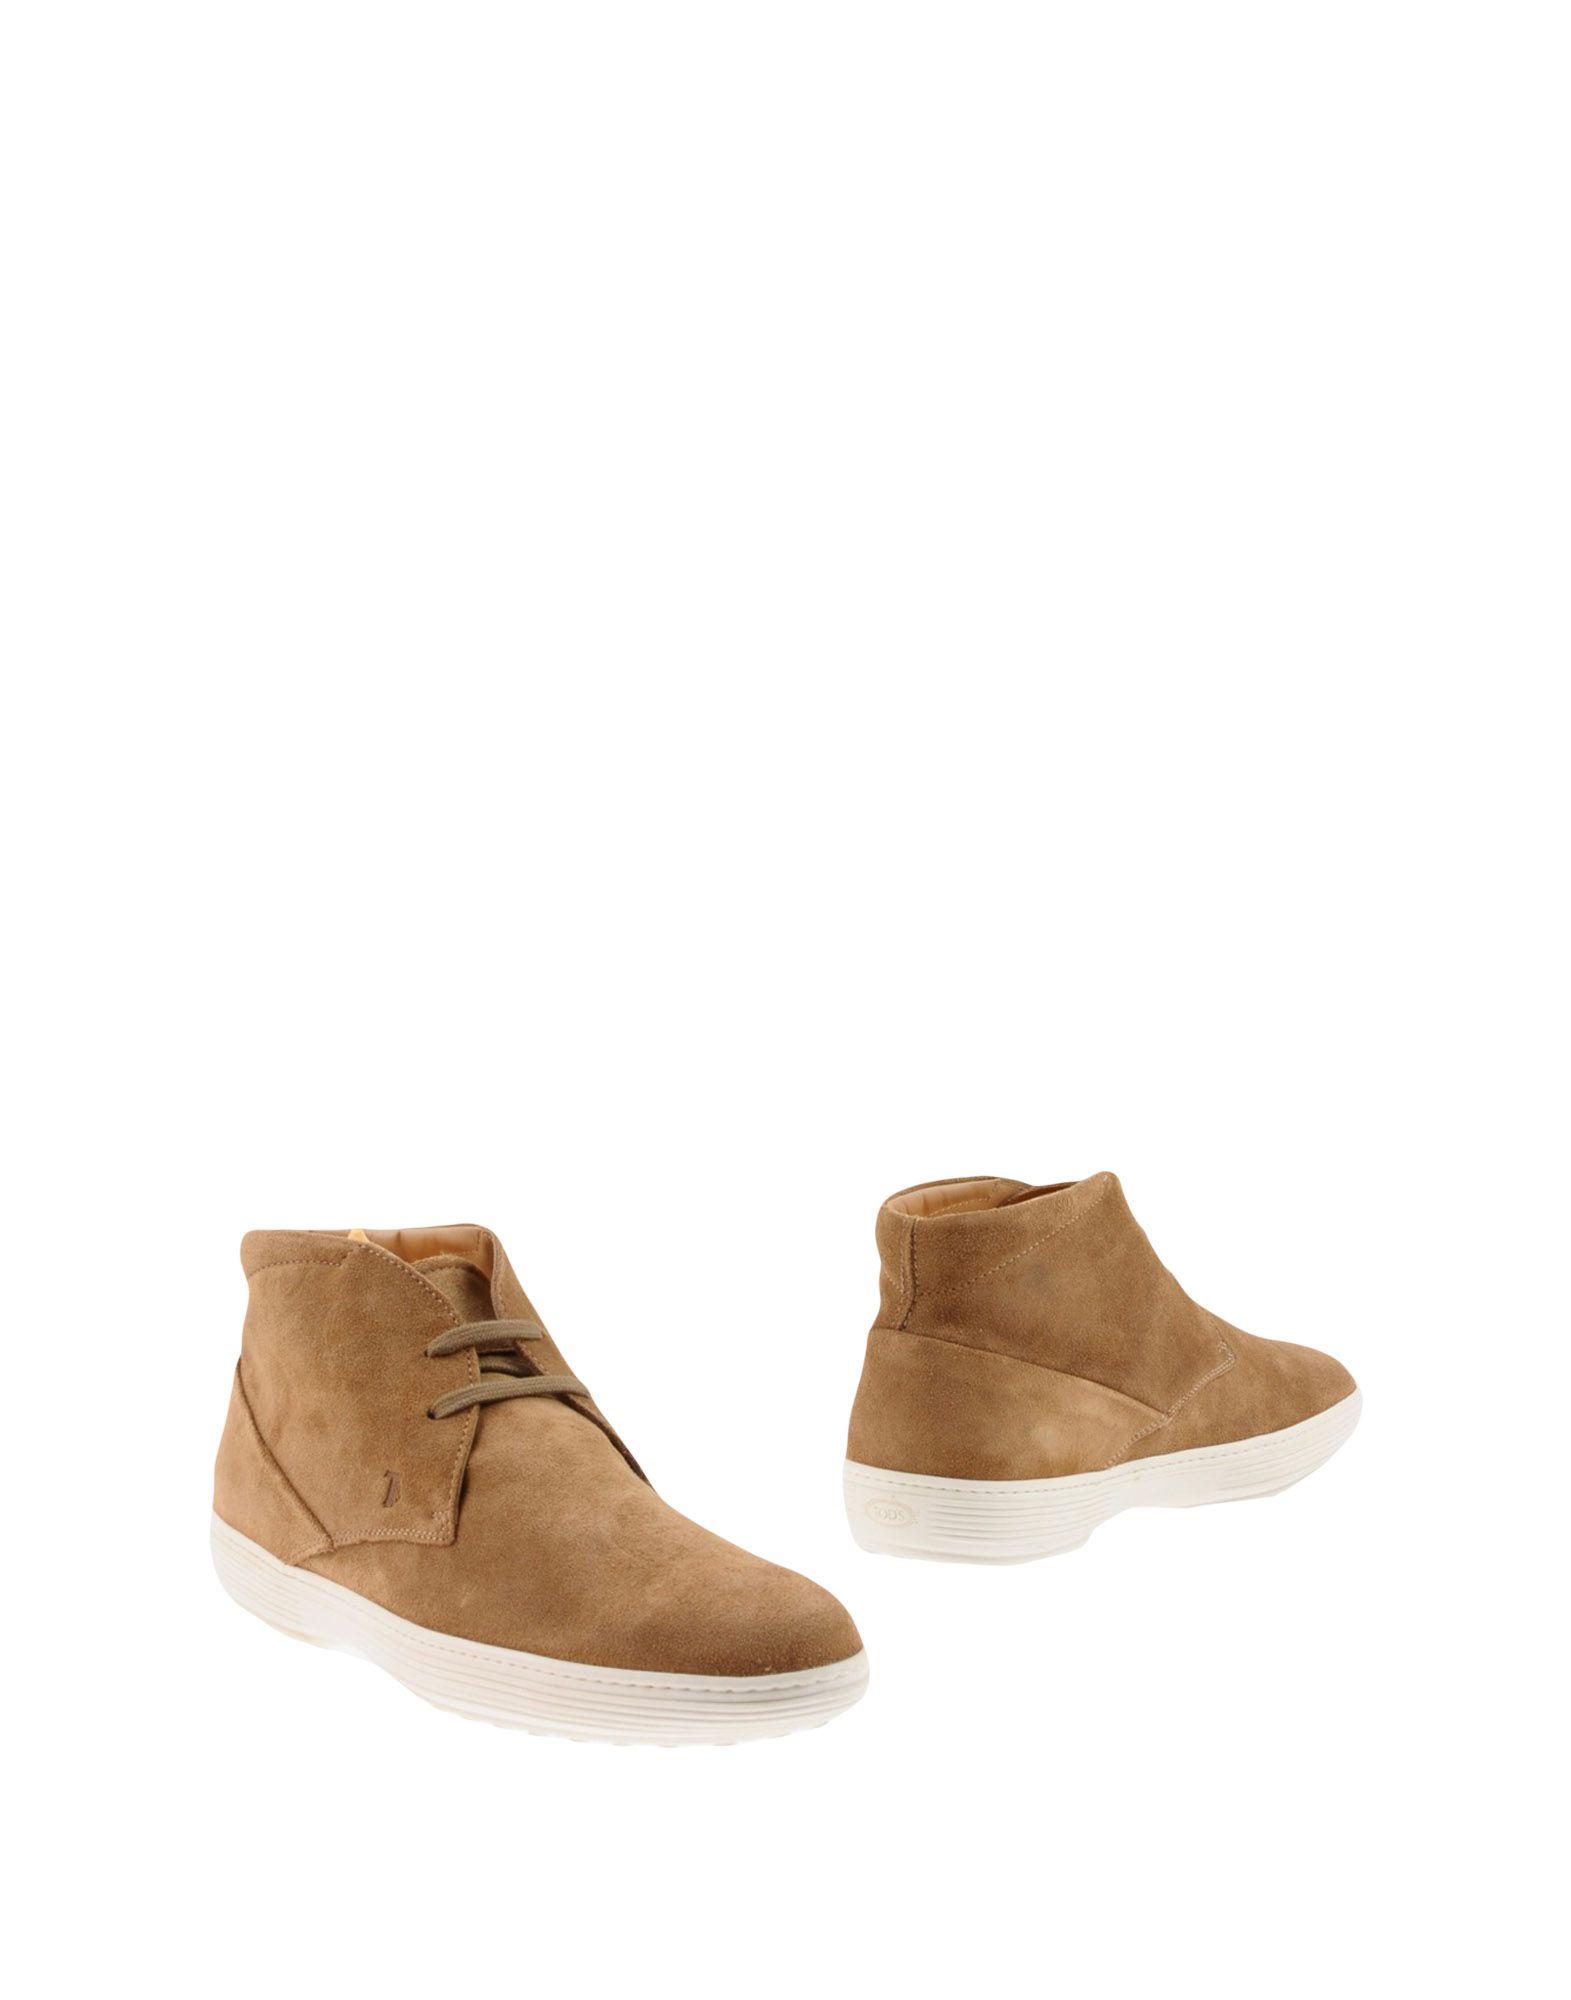 Tod's Stiefelette Herren  11435498PI Gute Qualität beliebte Schuhe